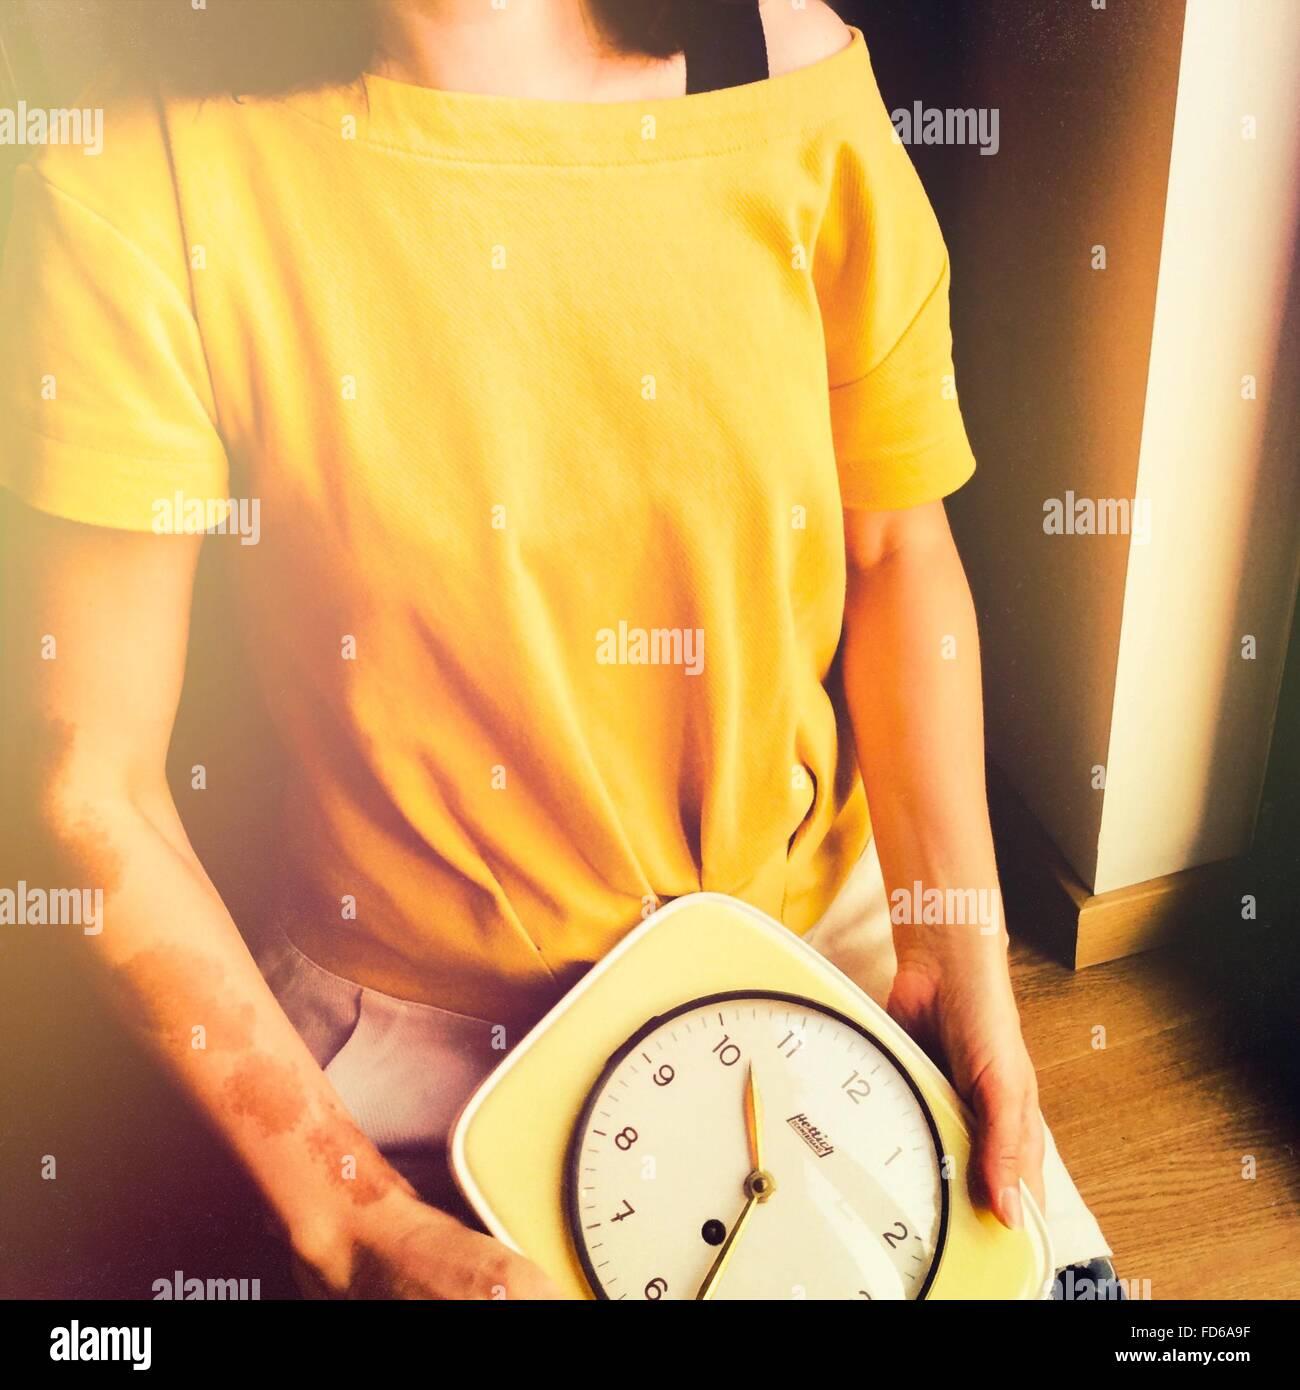 Frau hält eine Uhr Stockbild